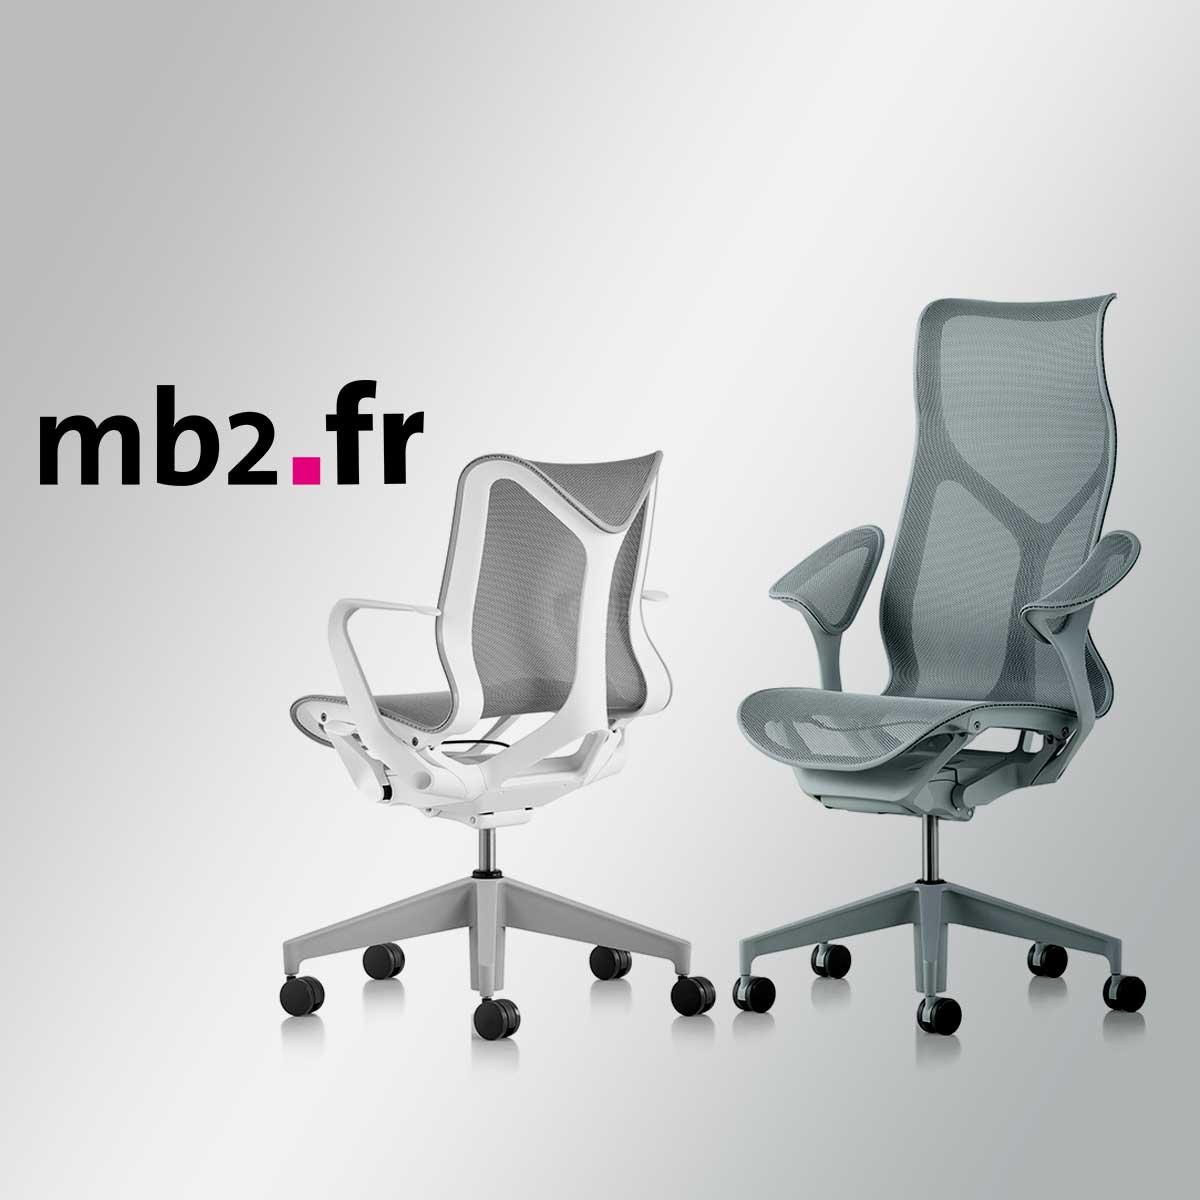 (c) Mb2.fr